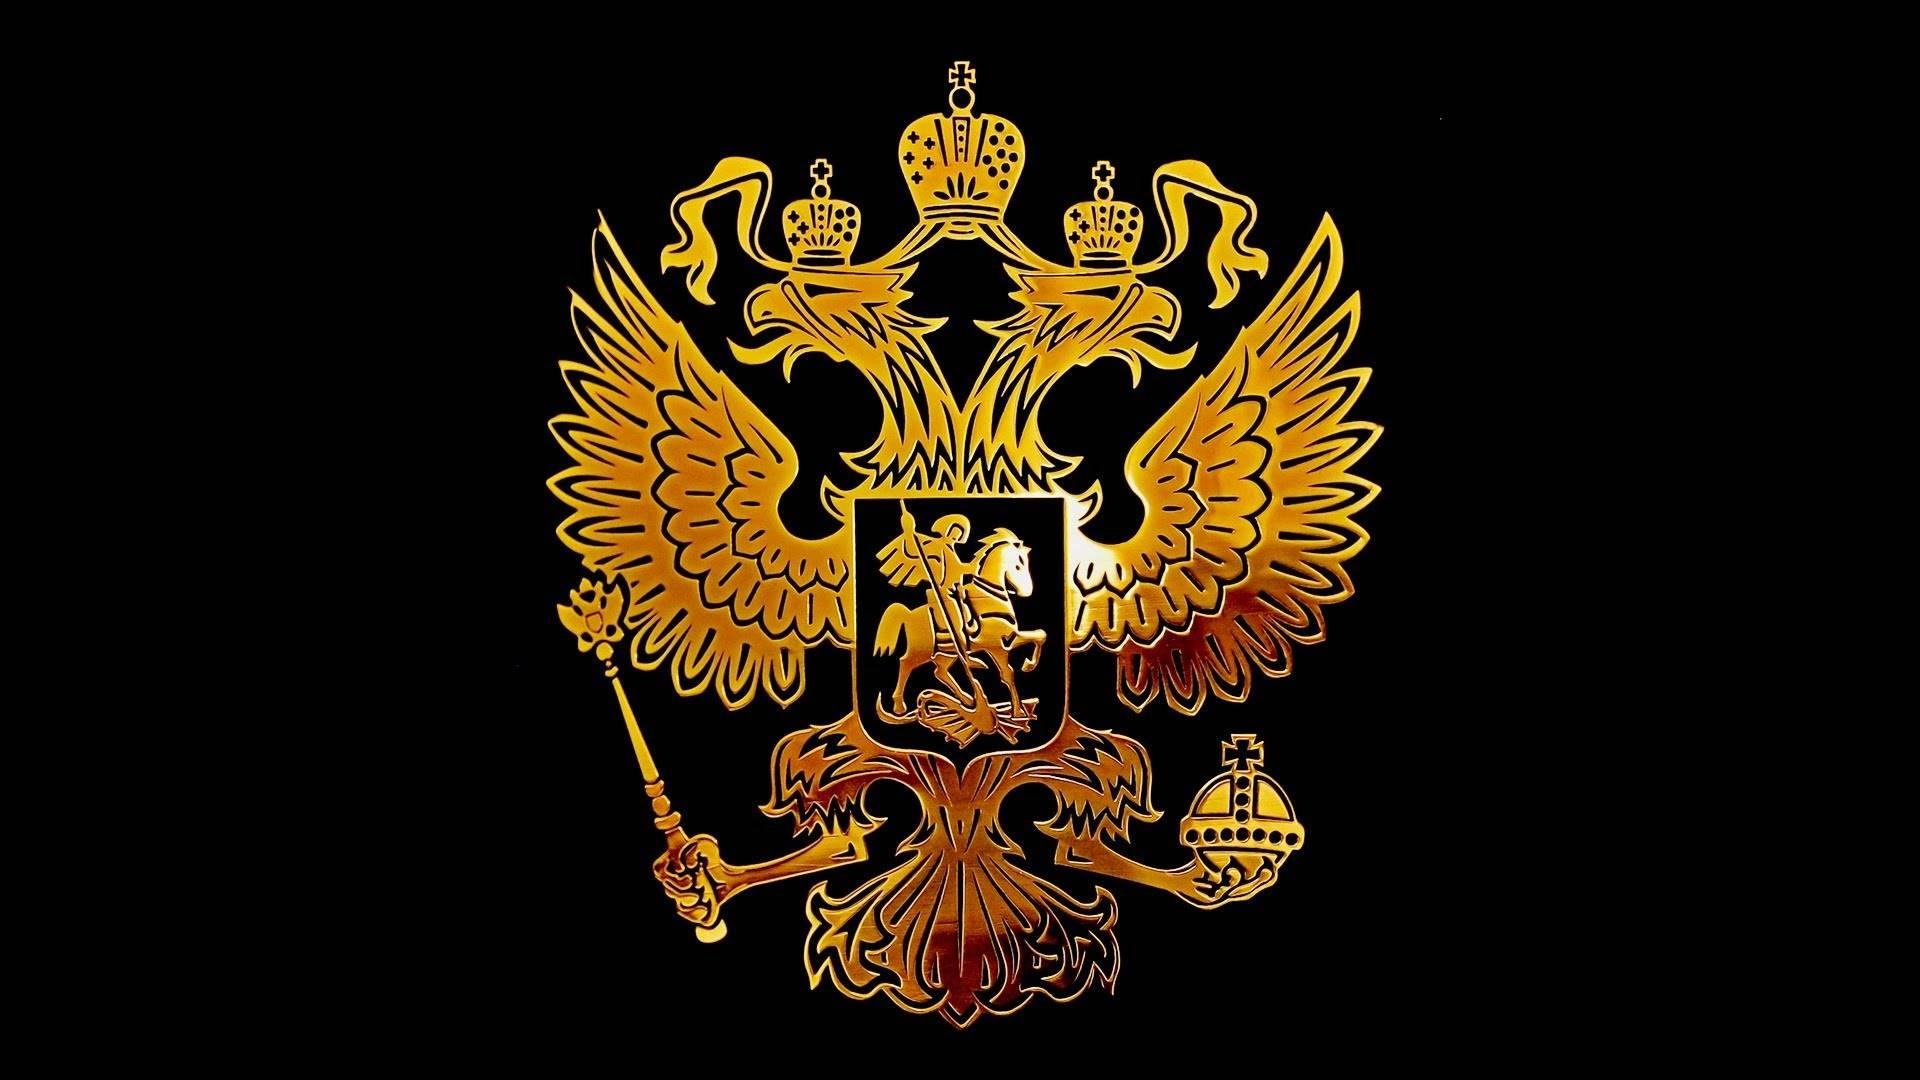 скачать обои на рабочий стол герб россии бесплатно 1366х768 № 170811 загрузить